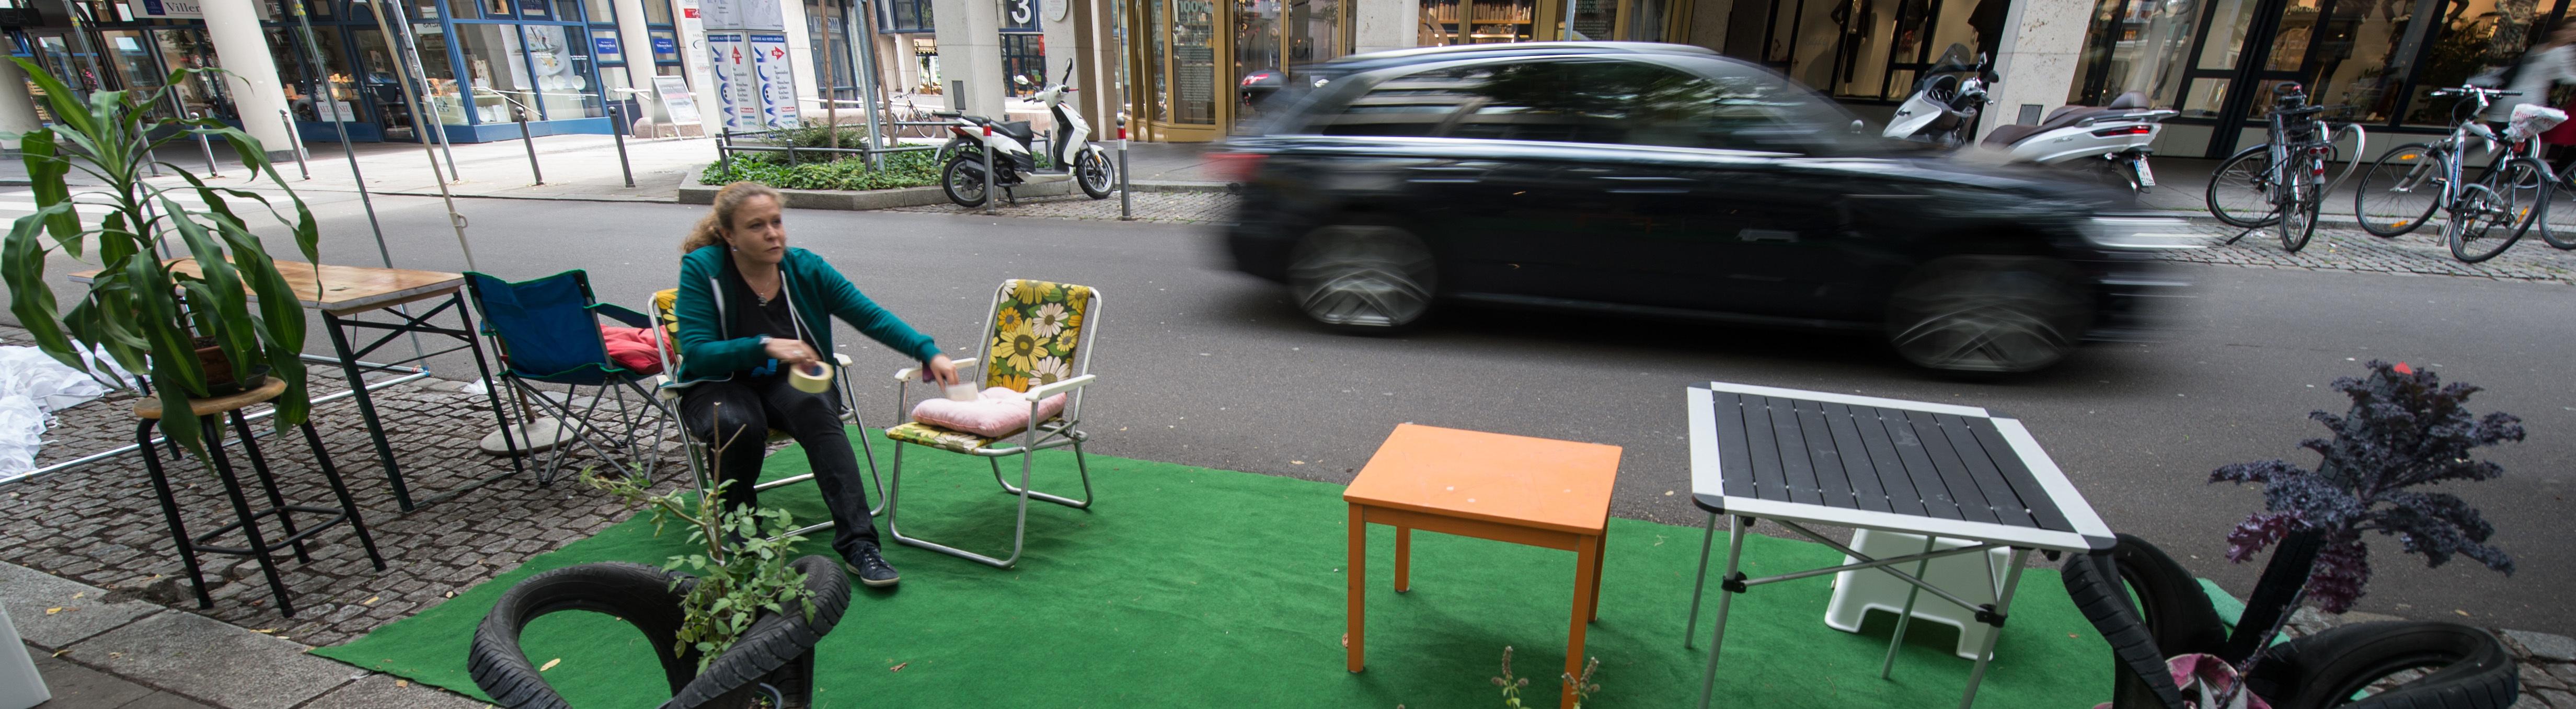 """Eine Aktivistin der Initiative """"Park(ing Day"""" arbeitet am 18.09.2015 in Stuttgart (Baden-Württemberg) an einem Mini-Park, der spontan und provisorisch für einen Tag auf einem Parkplatz entsteht."""